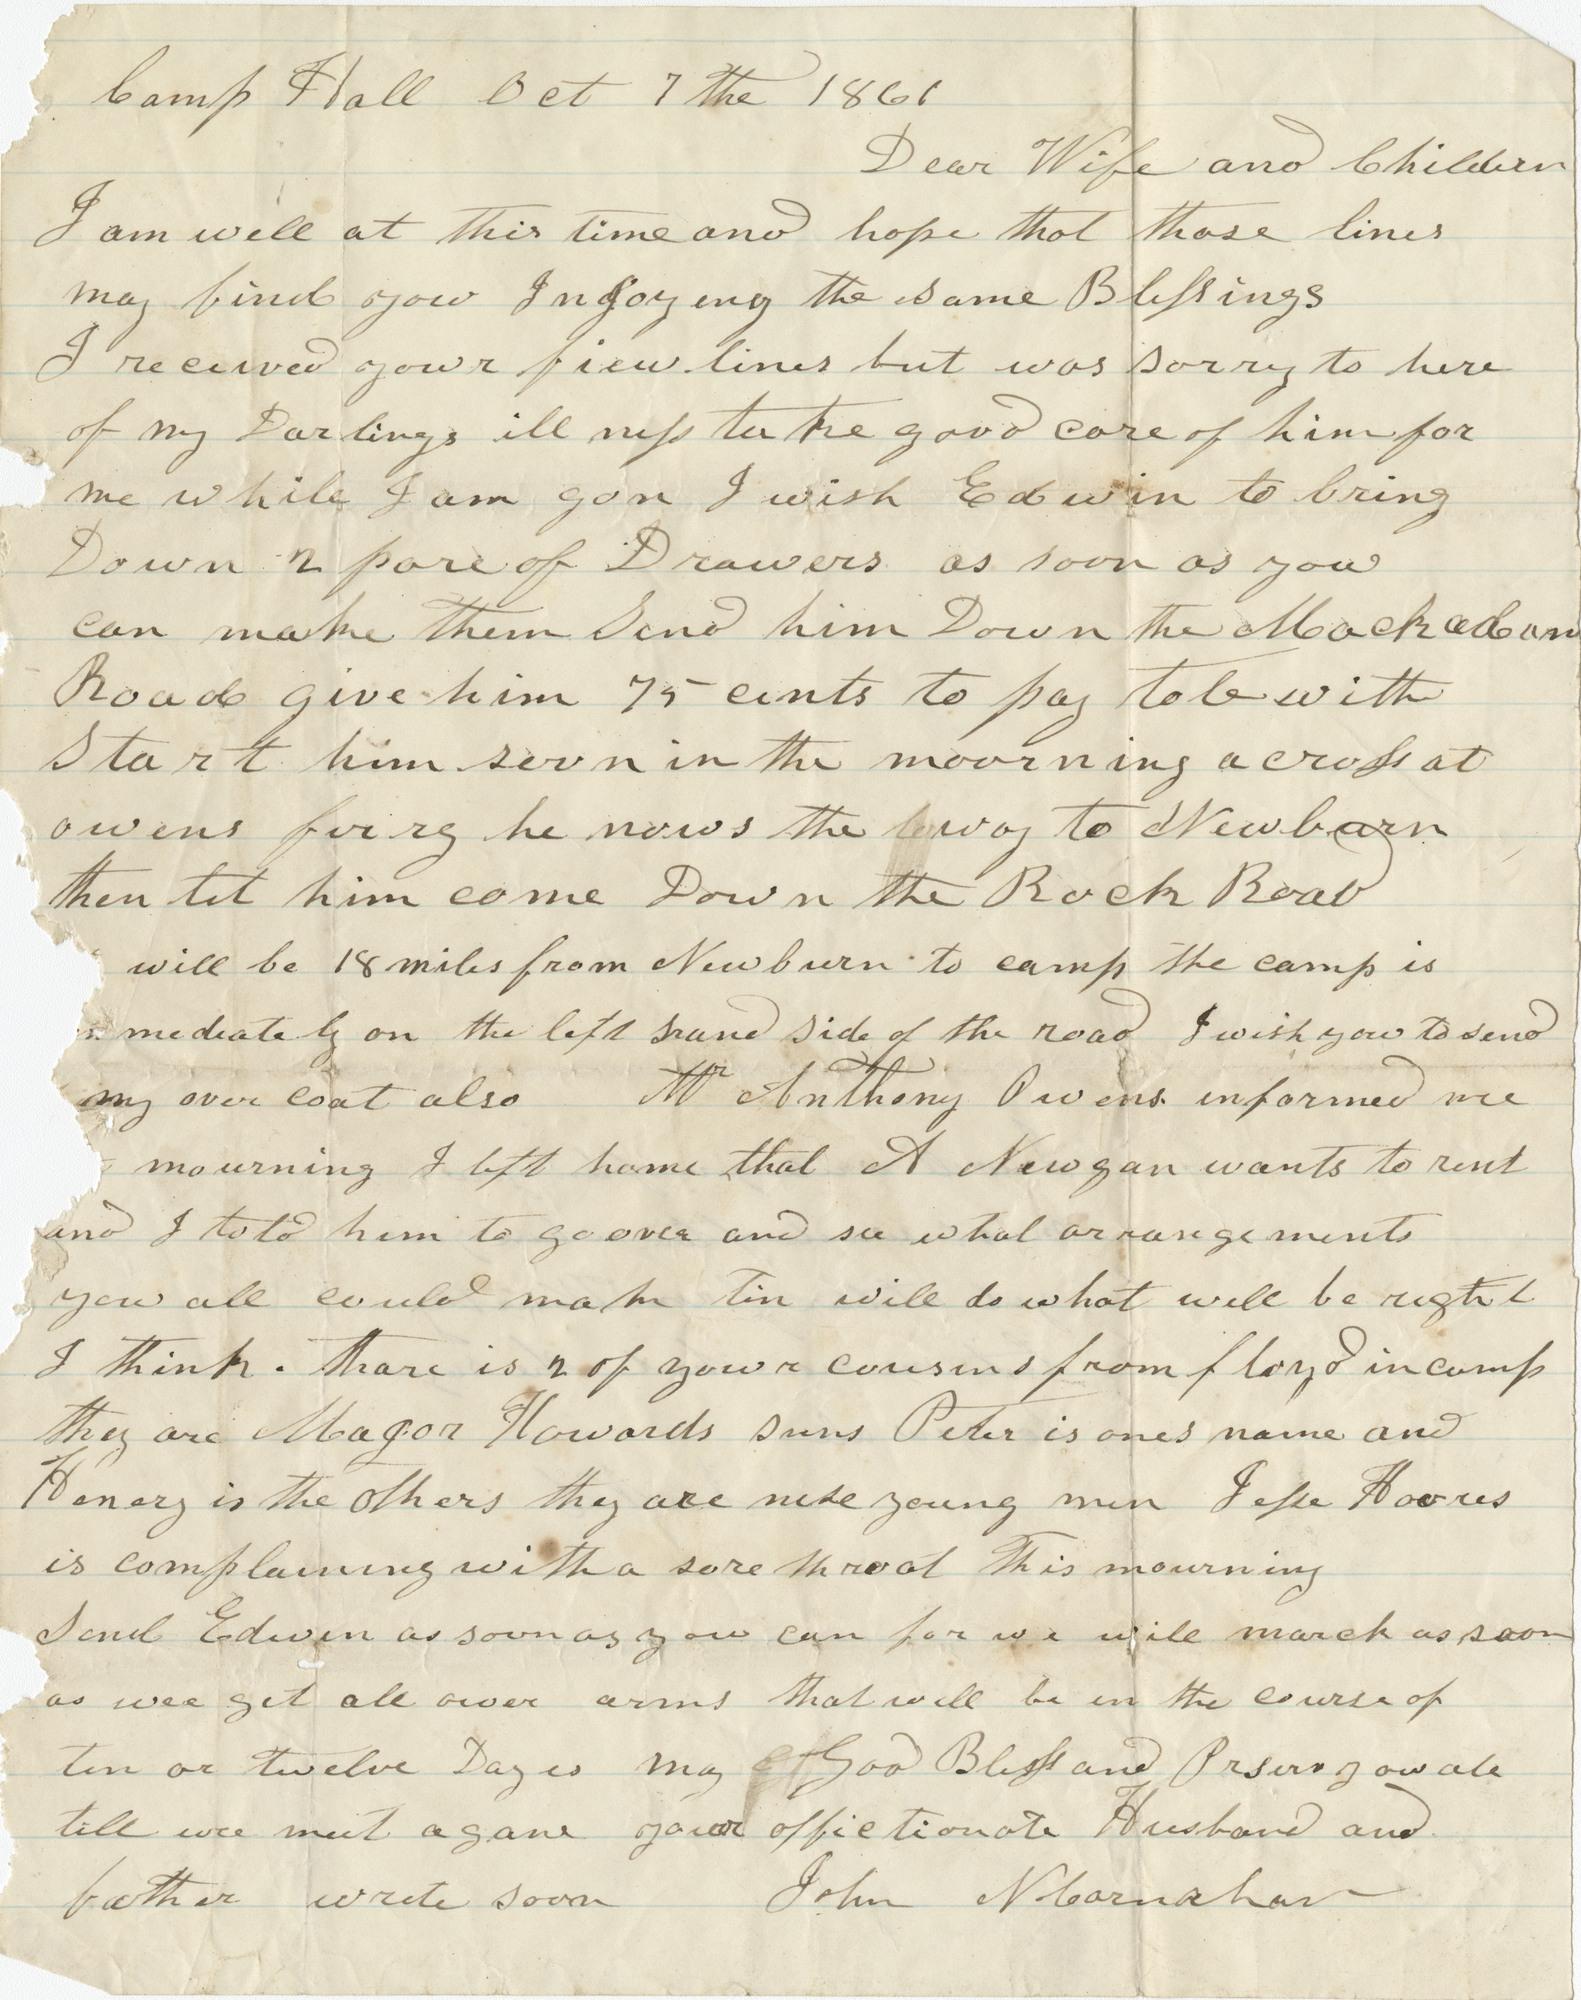 Ms2009-112_CarnahanJohnNewton_Letter_1861_1007a.jpg